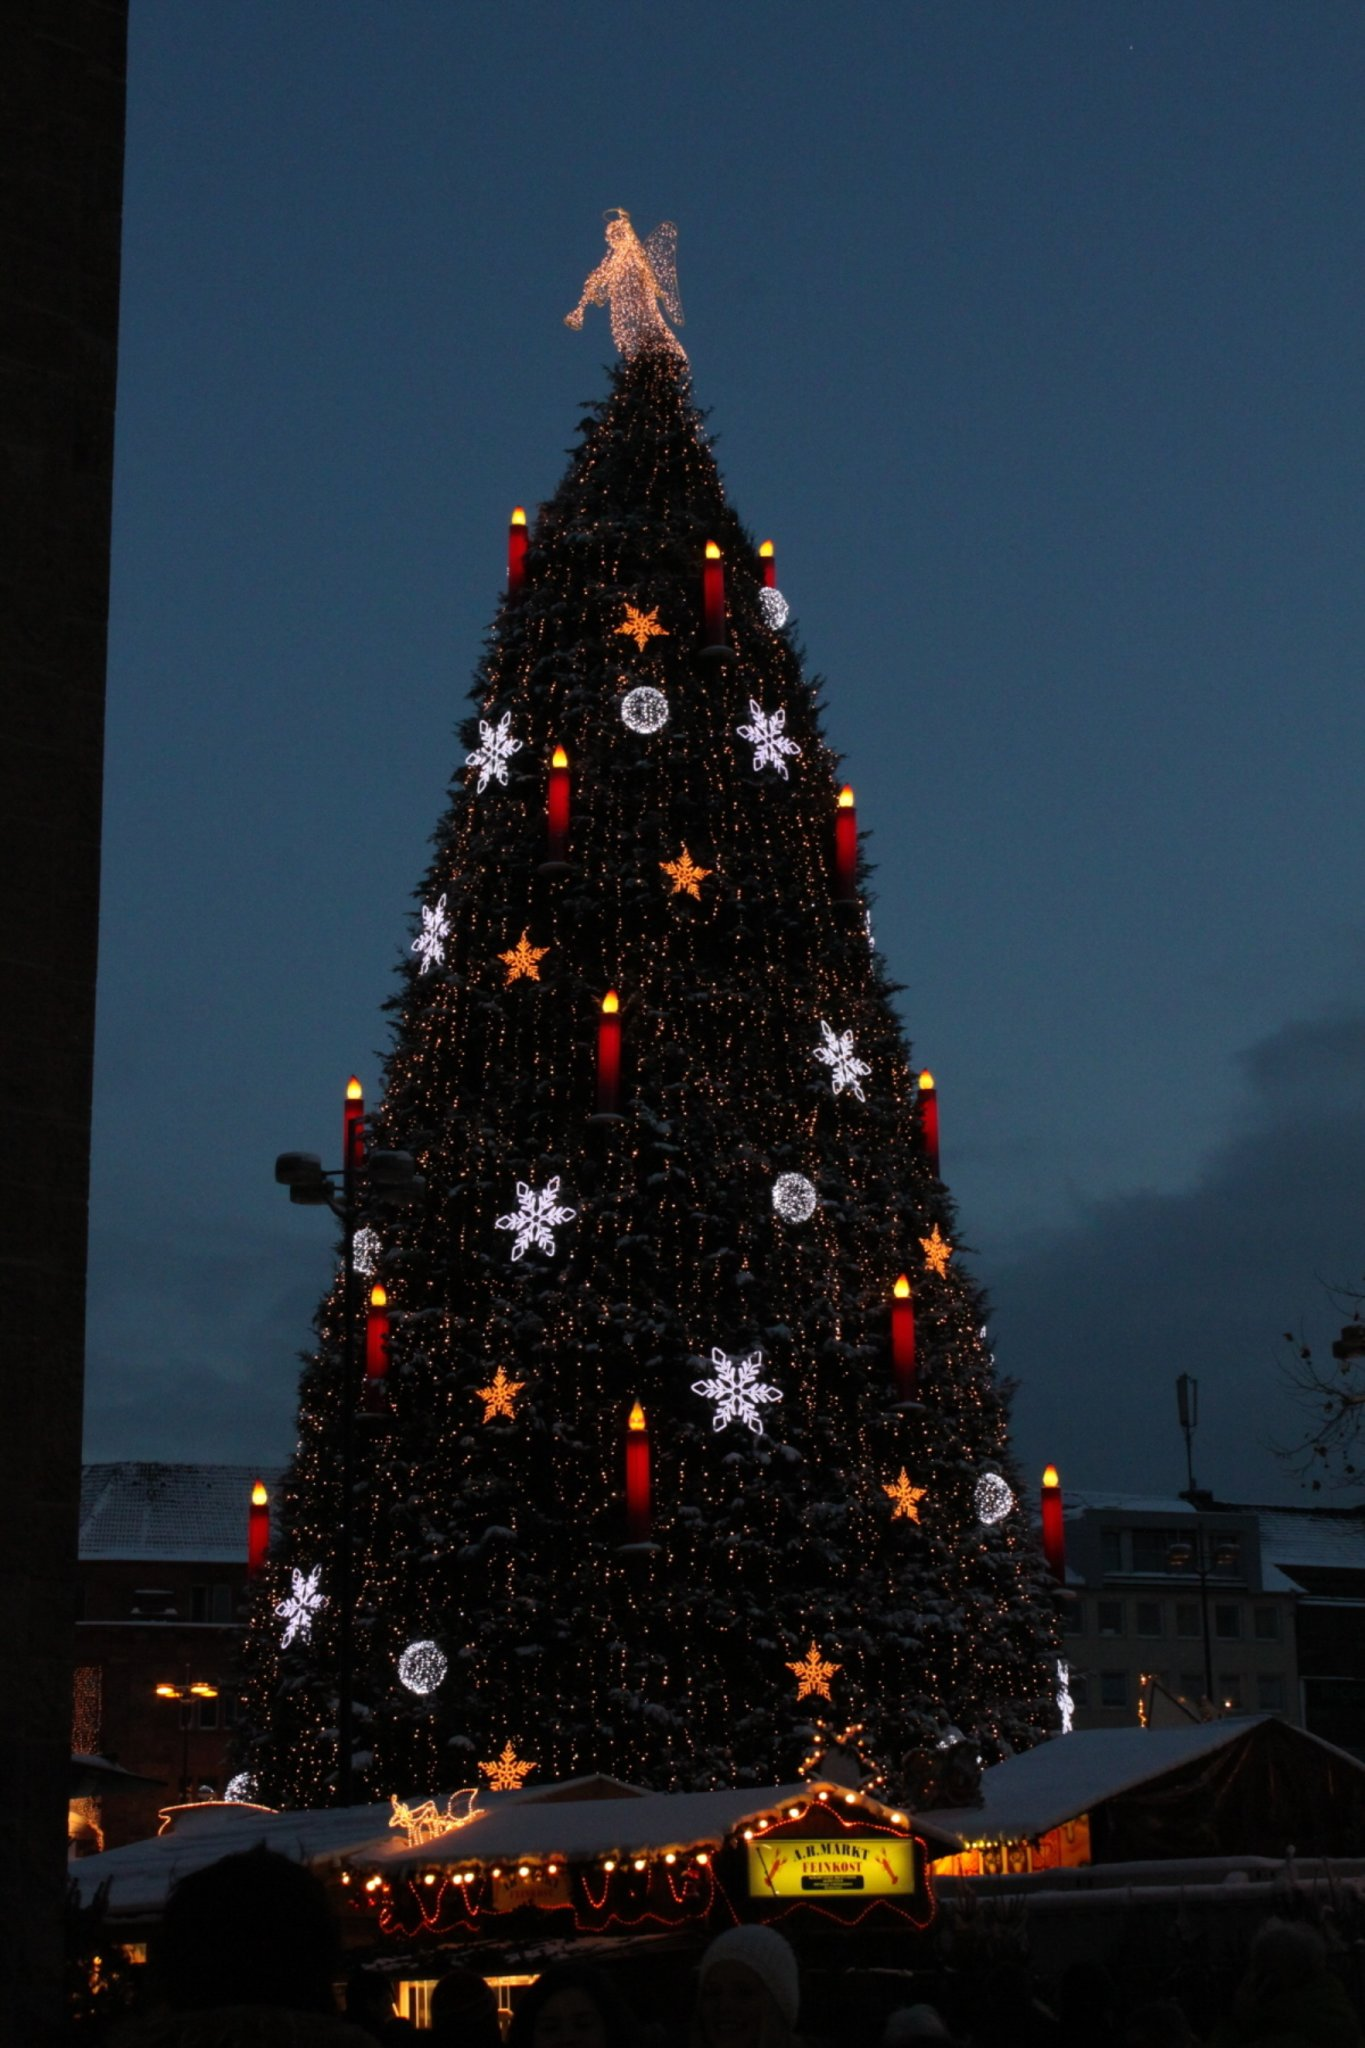 Dortmund Weihnachtsbaum.Der Aufbau Des Dortmunder Weihnachtsbaum 2011 Weihnachtsmarkt